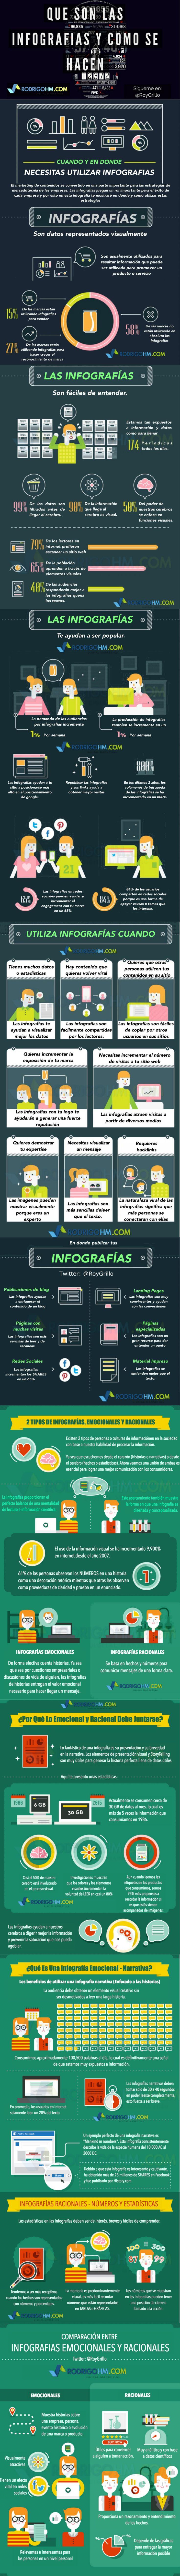 Qué son las infografías y cómo se hacen